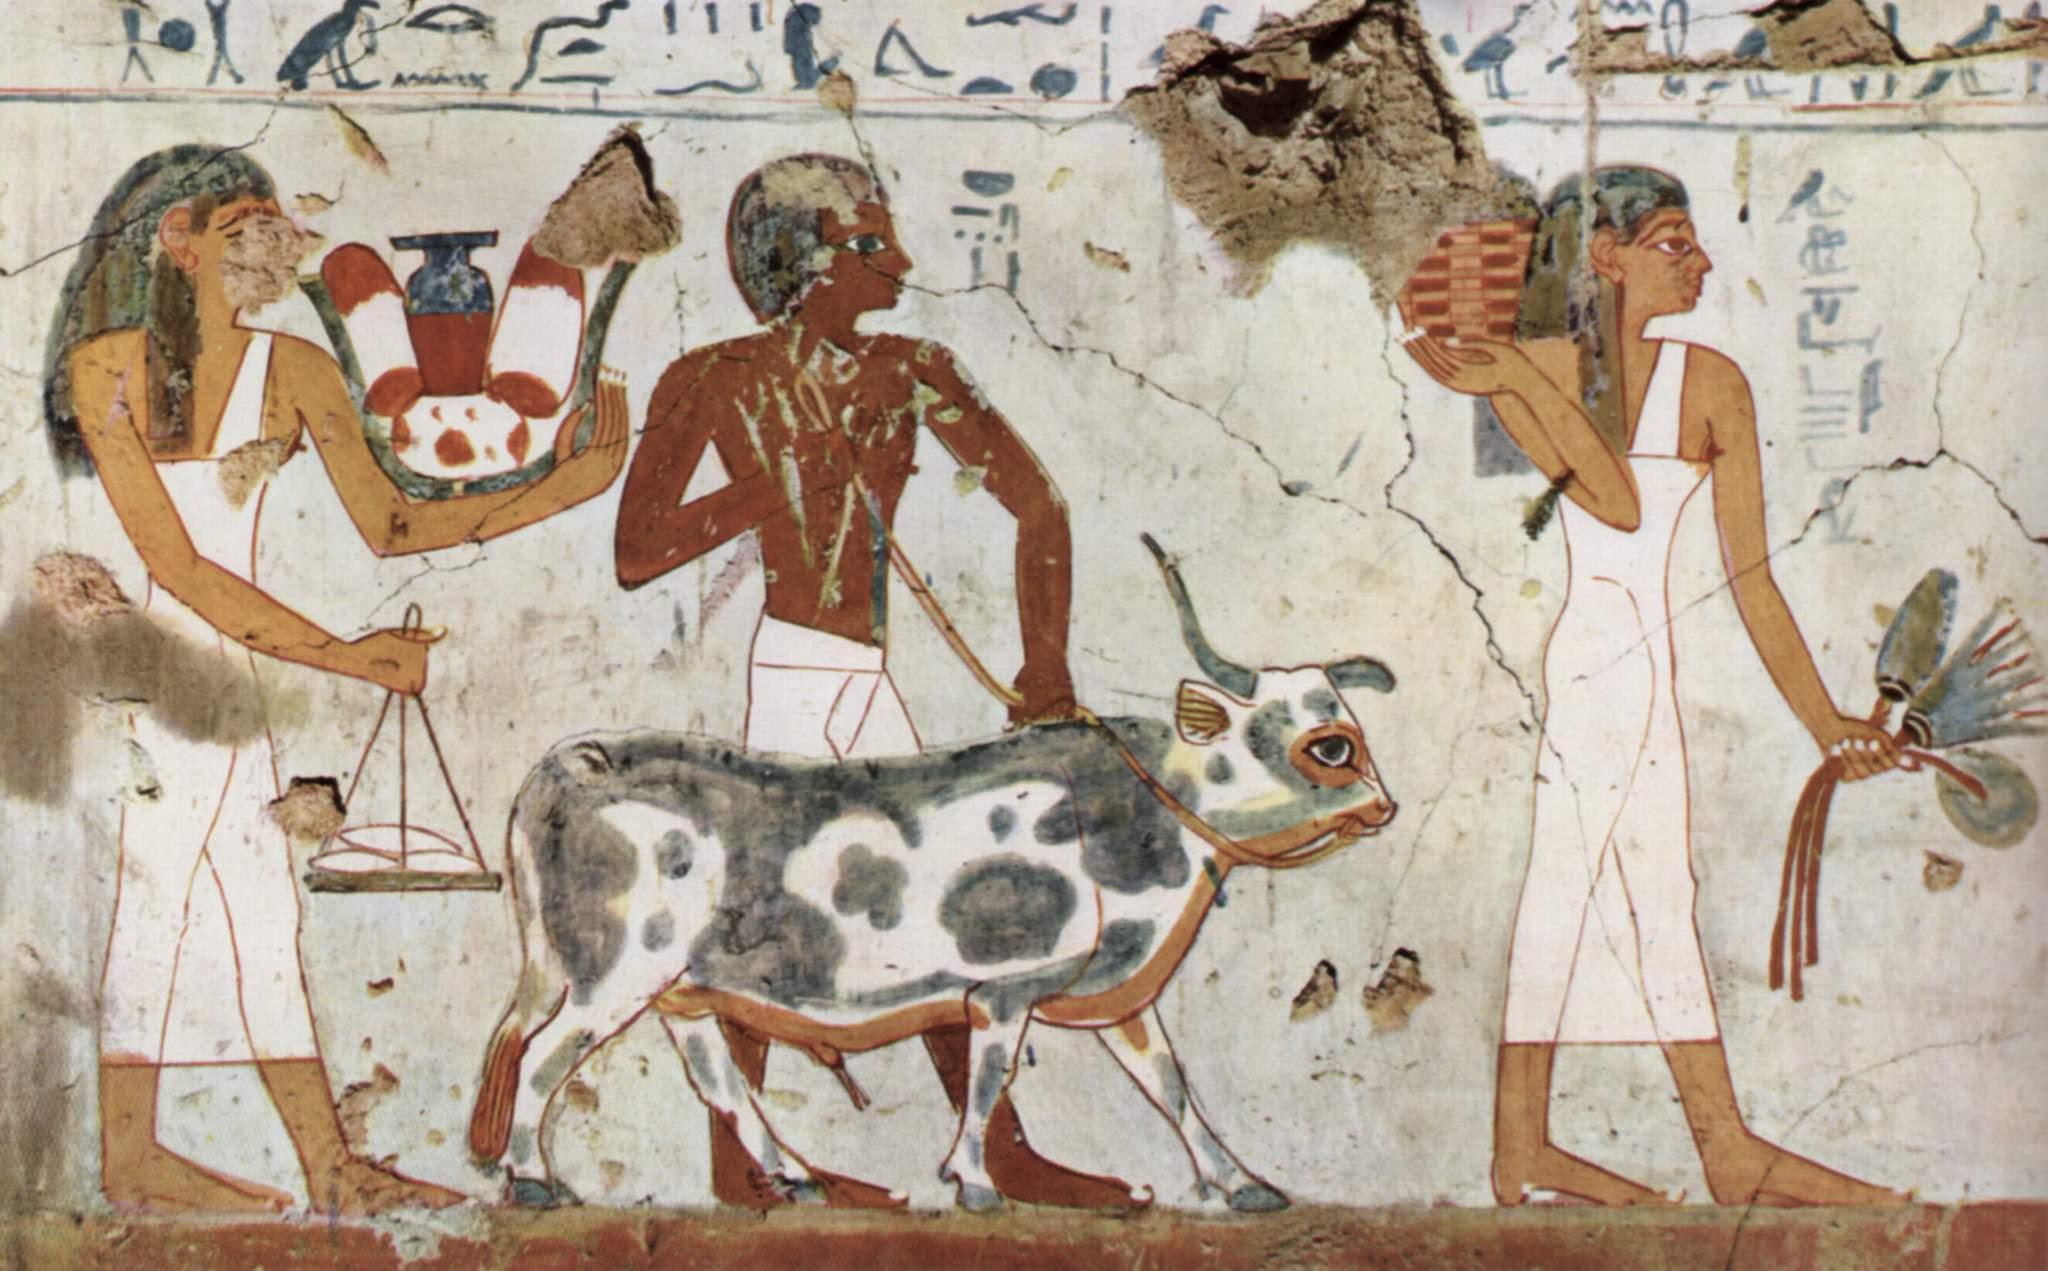 História do Graffiti: Do Início ao Presente 4